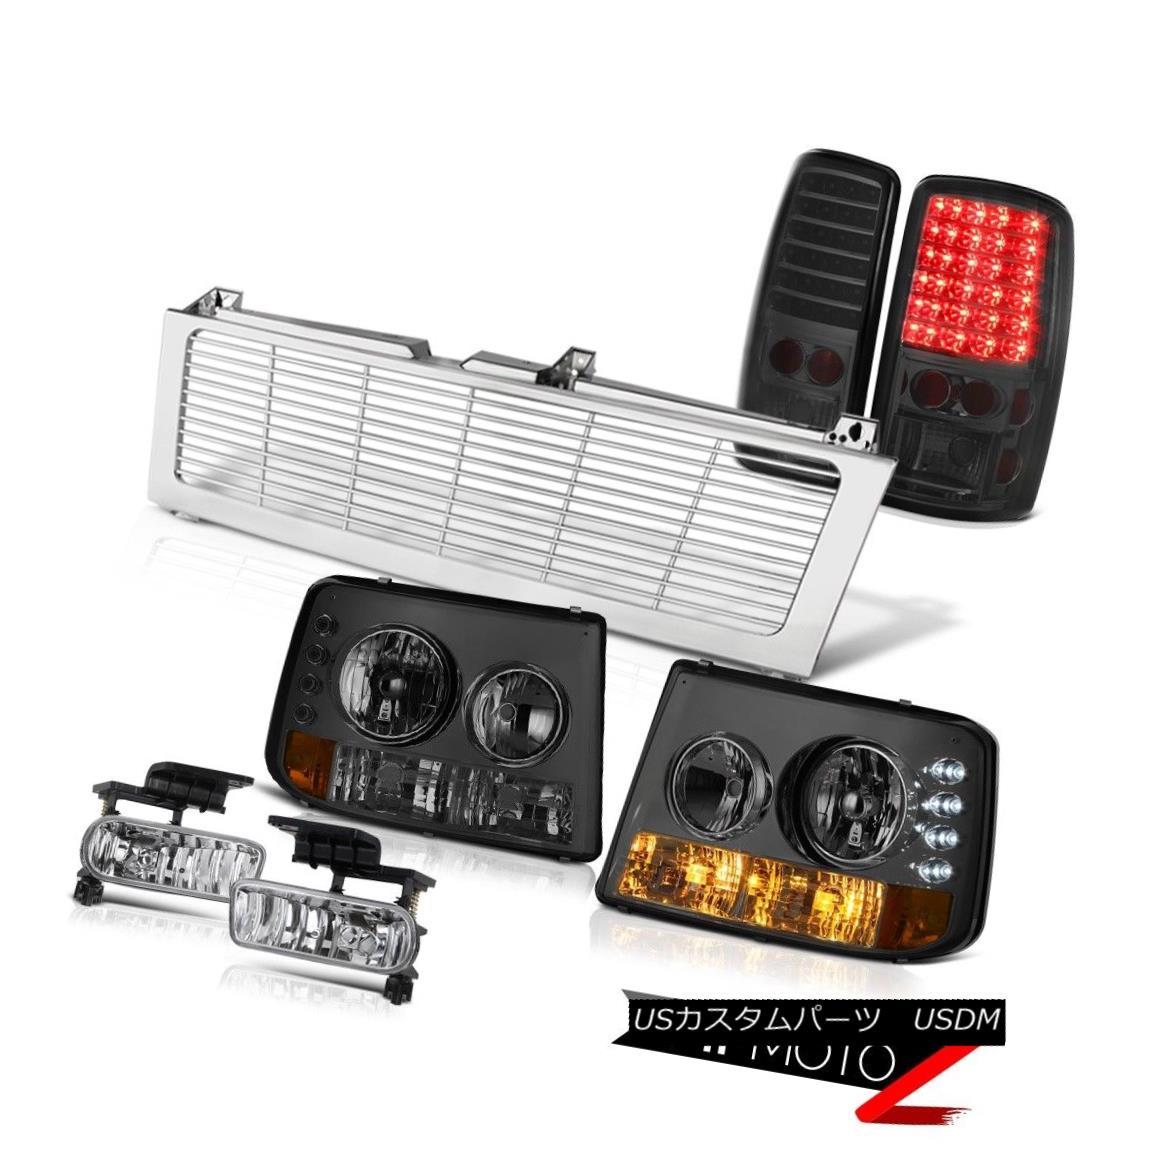 テールライト 01 02 03 04 05 06 Suburban LT Bumper+Headlight Tail Light Euro Fog Chrome Grille 01 02 03 04 05 06郊外LTバンパー+ヘッドリッグ htテールライトユーロフォグクロームグリル